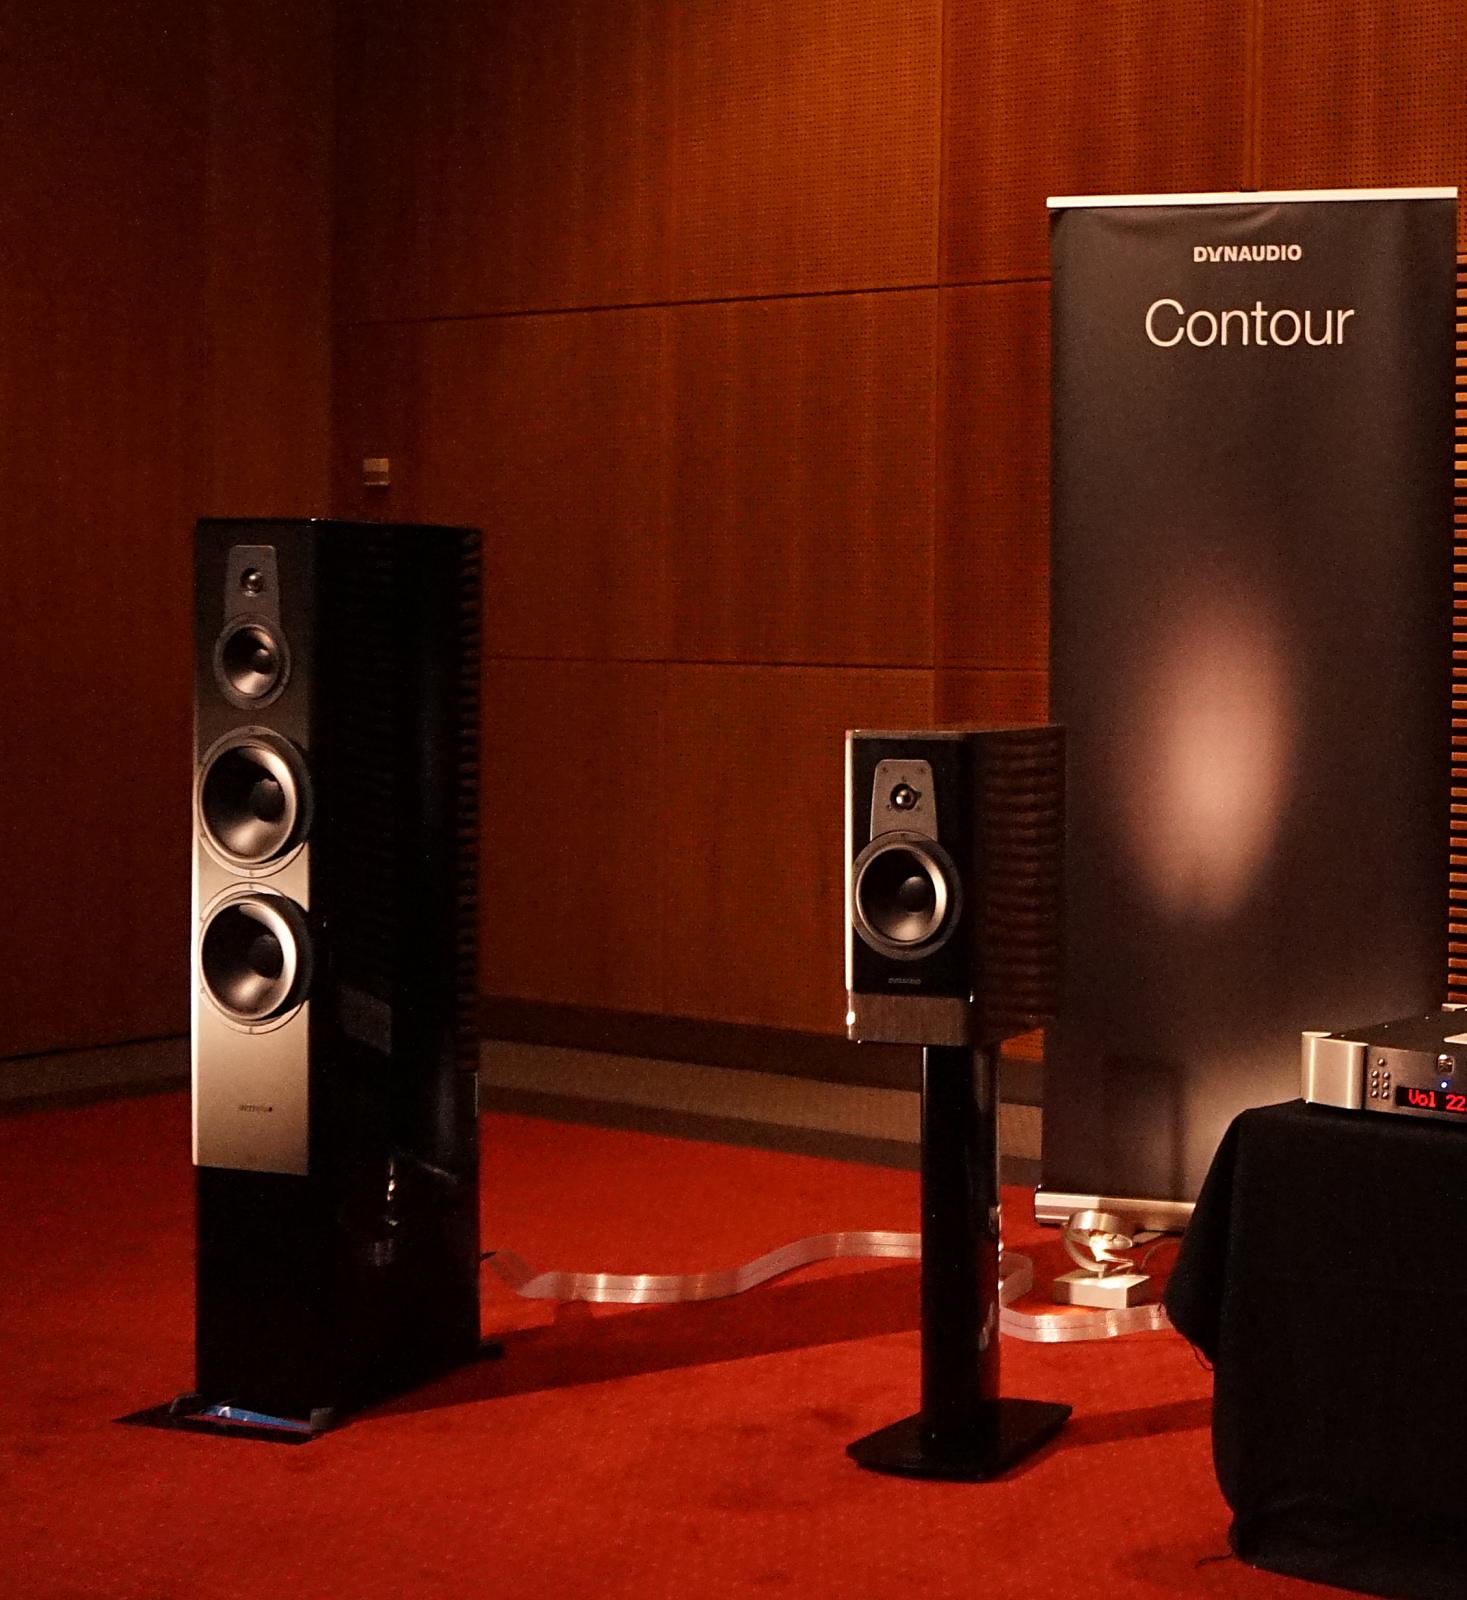 Dynaudio havde vanen tro en af de store sale i stueetagen, hvor man kunne høre det nye Contour-modeller. De lød lovende! Vi vender tilbage med en test. Foto: John Alex Hvidlykke, Lyd & Billede